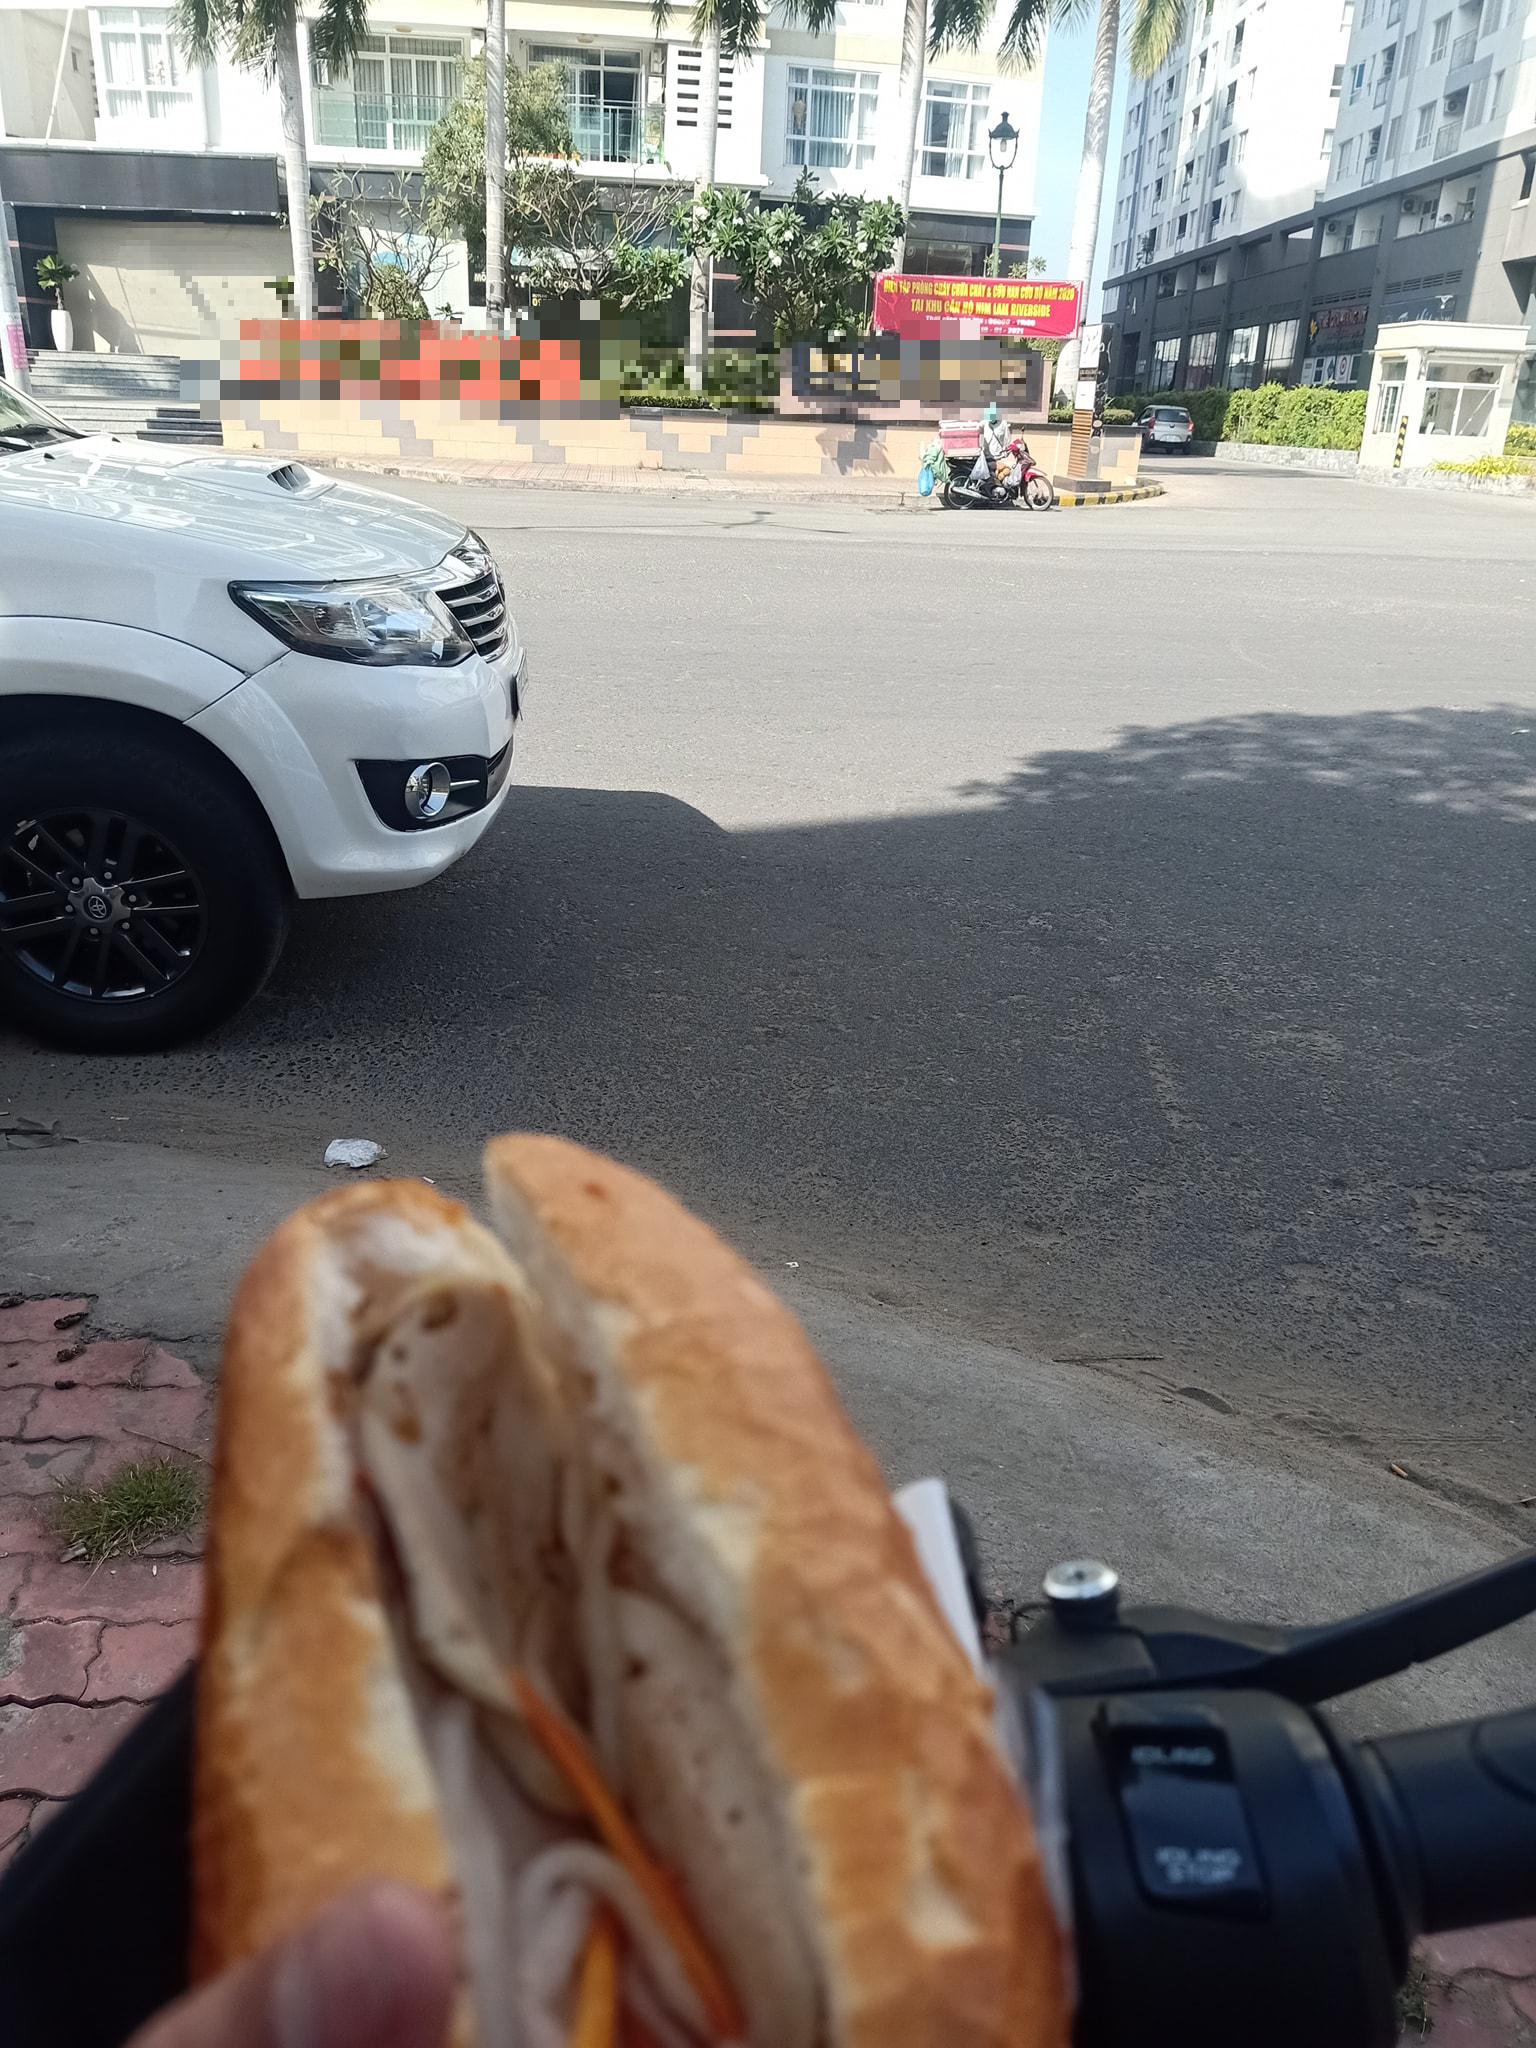 Mua bánh mì giá cắt cổ ở khu người giàu, anh tài xế xe ôm công nghệ sốc nhẹ, cả ngày chỉ cầm chứ không dám ăn -2